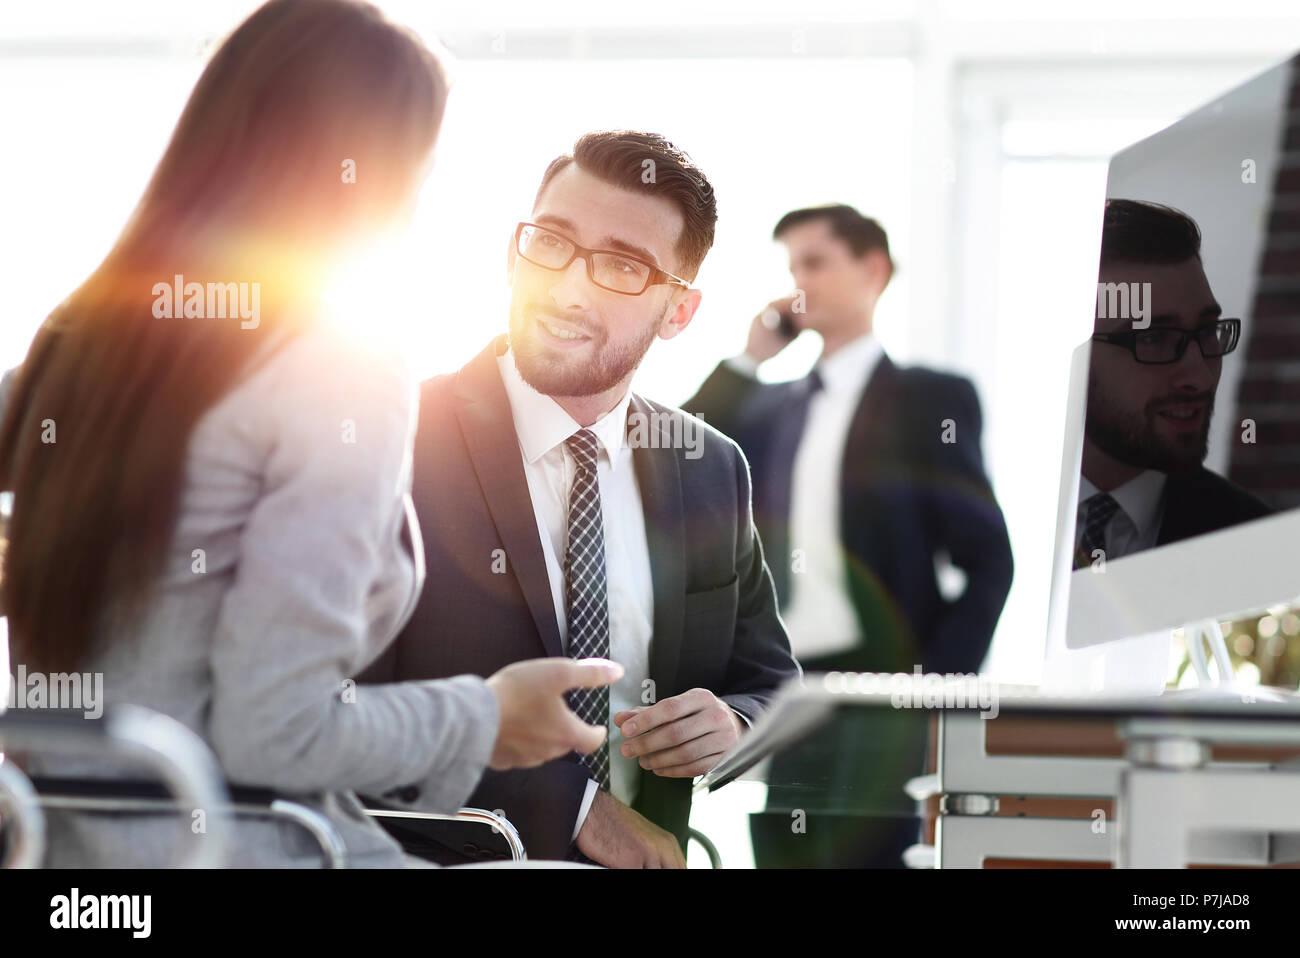 Homme confiant de parler à son intervieweur pendant une entrevue d'emploi Photo Stock